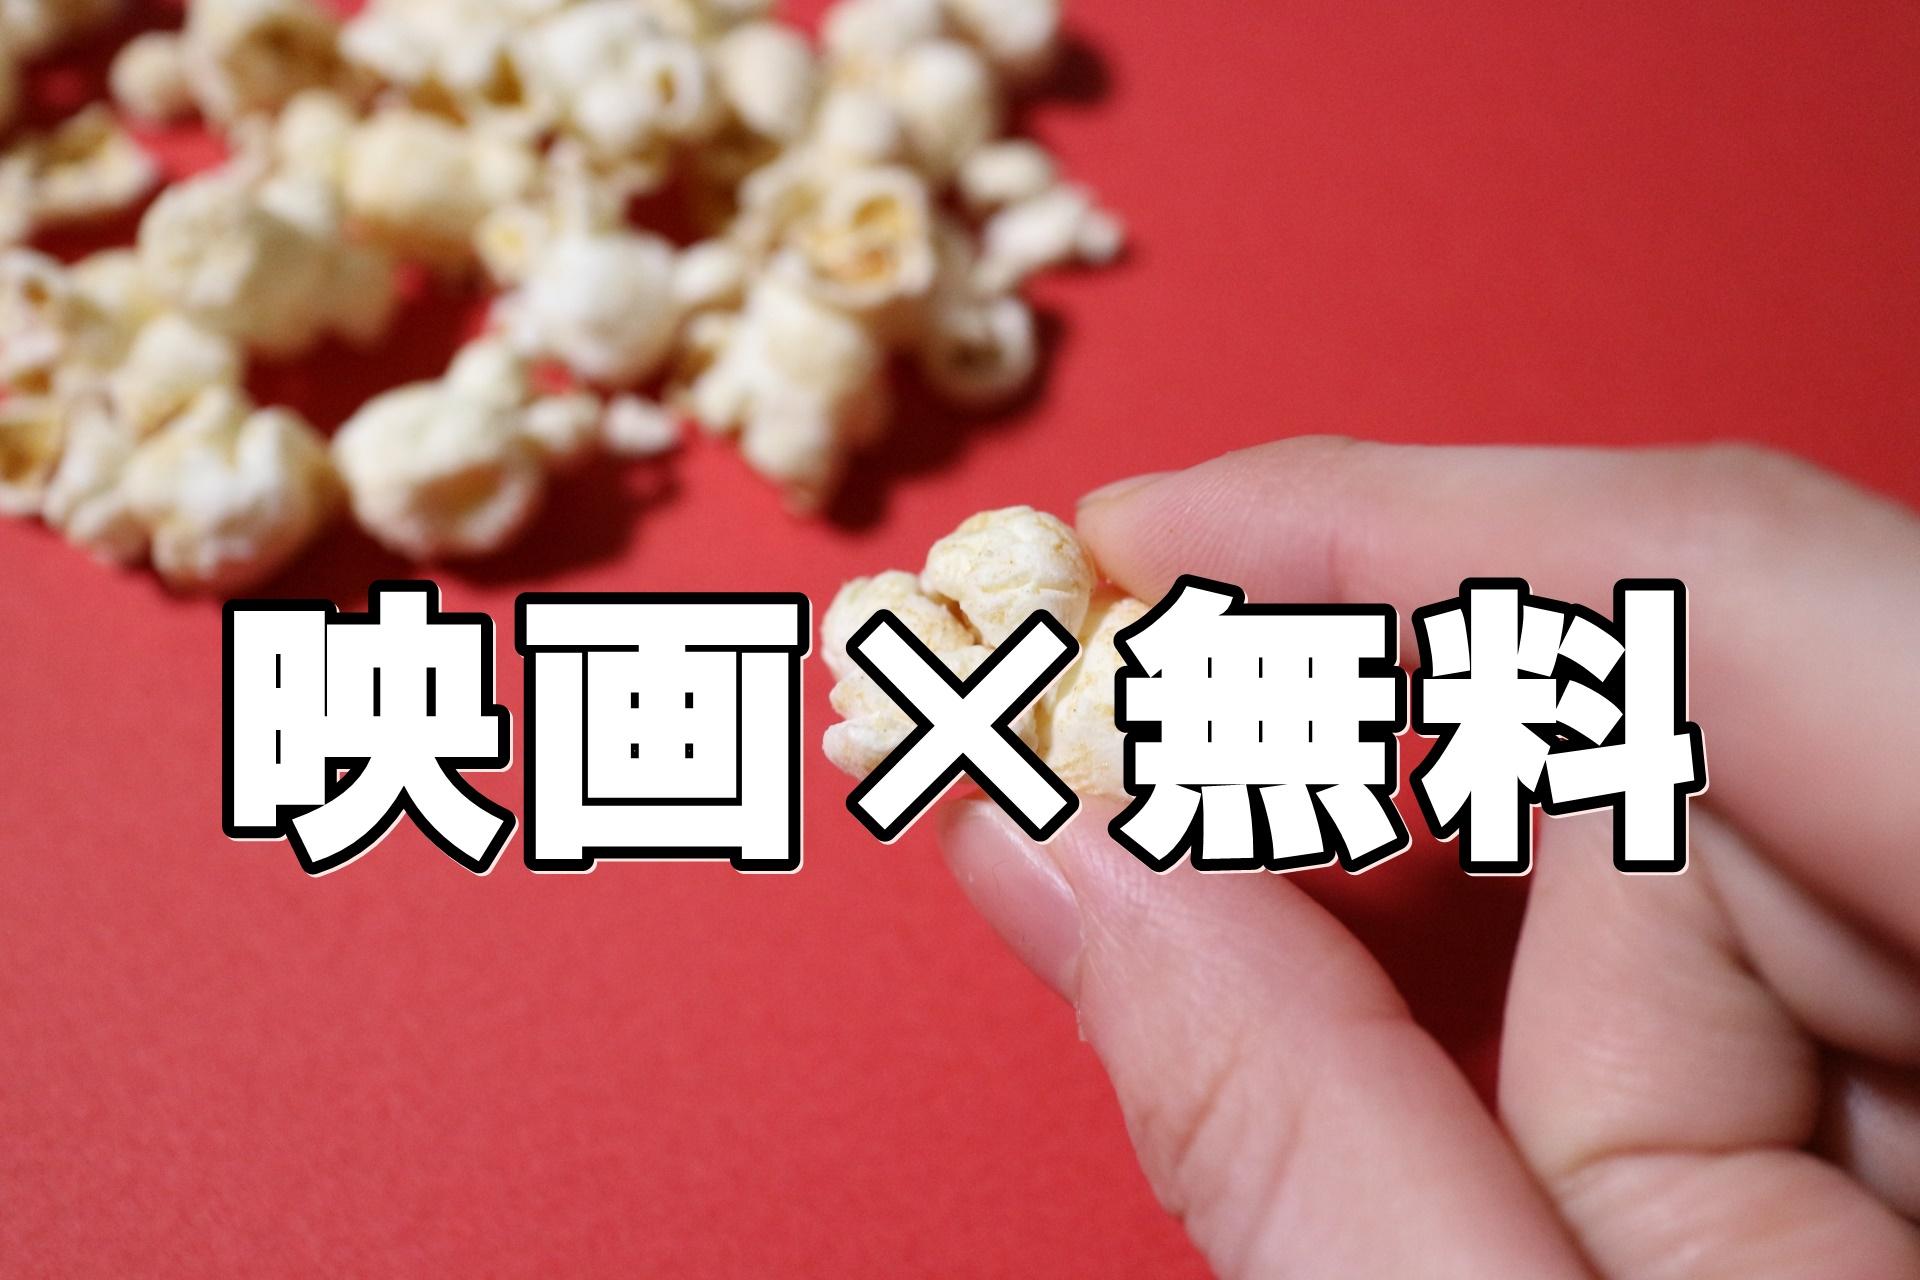 映画 無料 無料で映画&海外ドラマ視聴